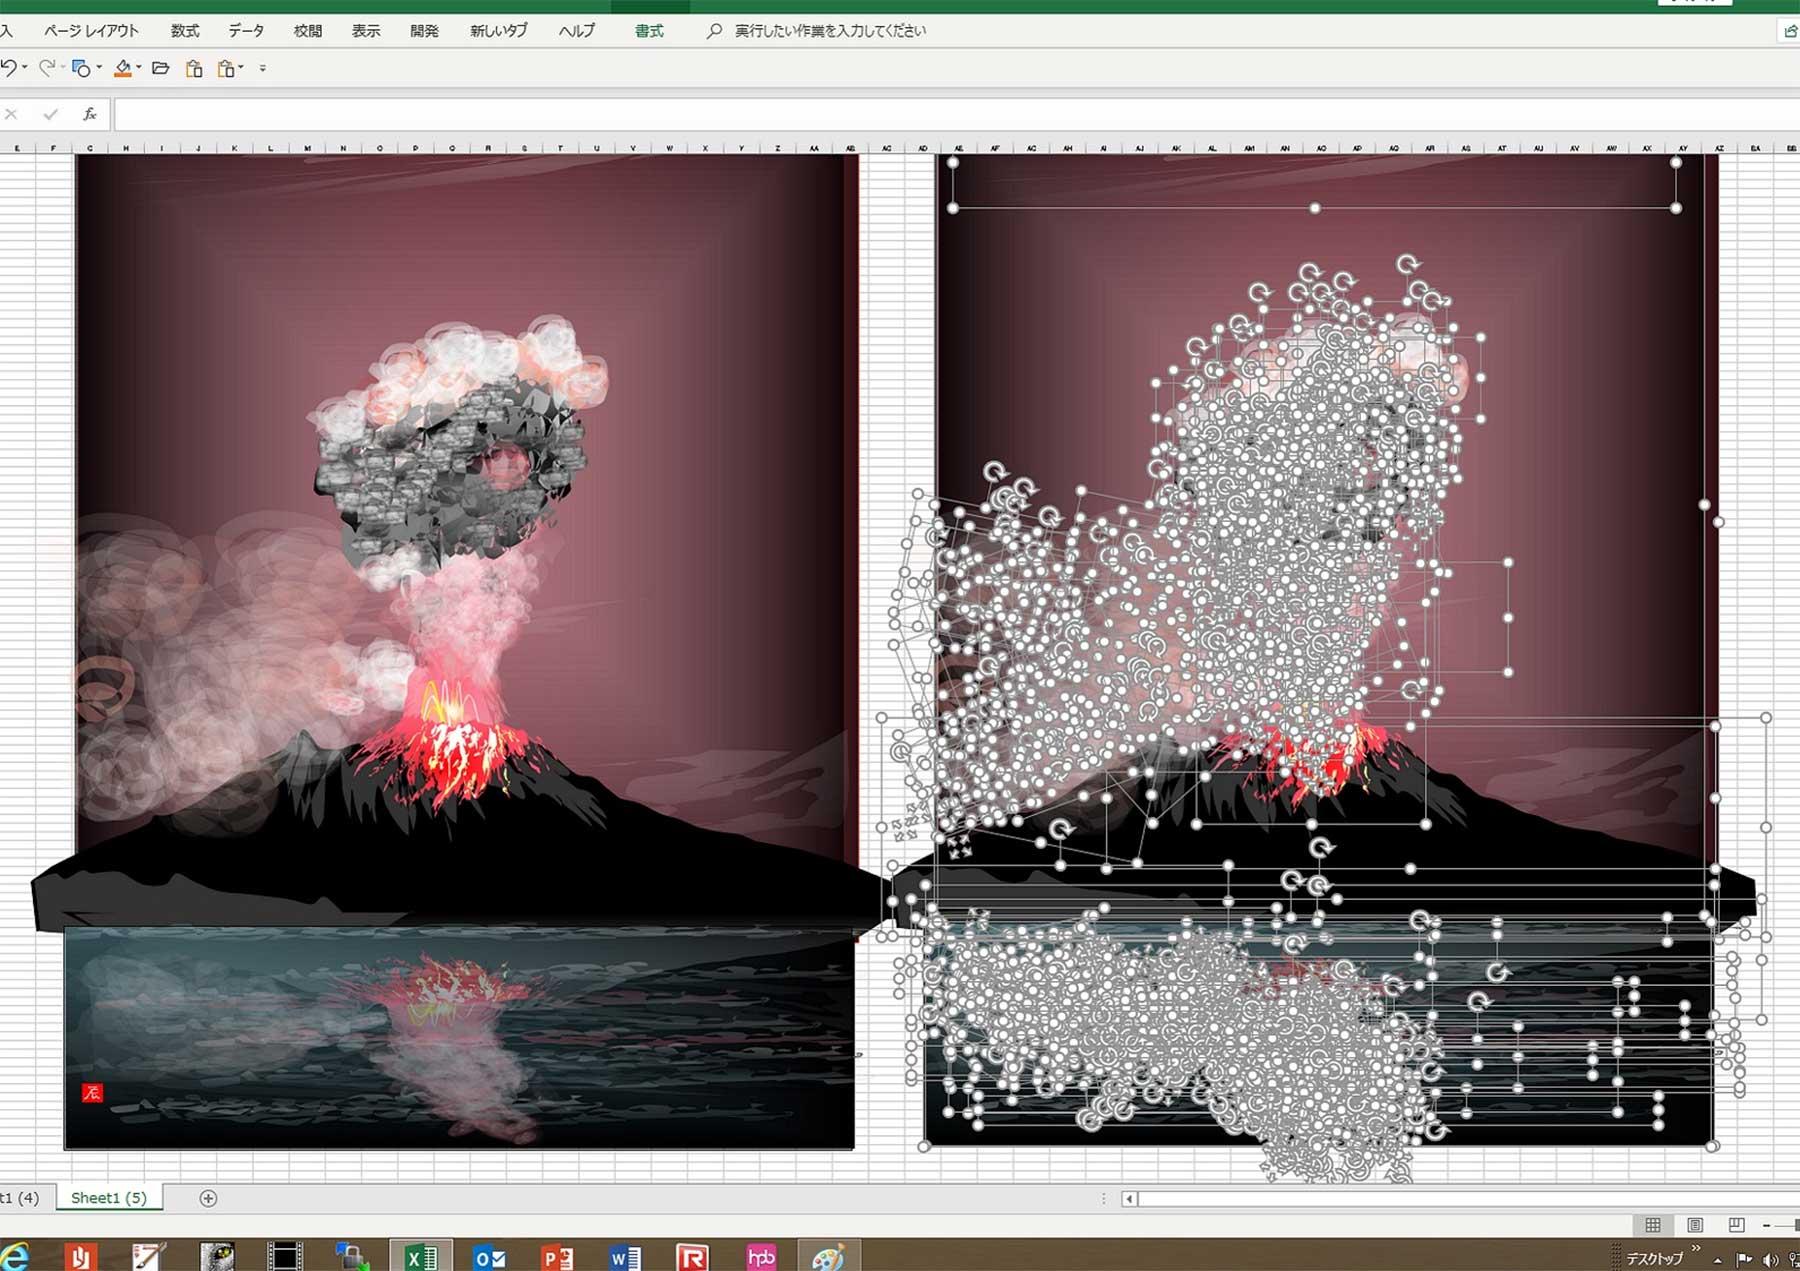 80-jähriger Tatsuo Horiuchi malt Bilder in Excel Tatsuo-Horiuchi-malen-in-excel_01